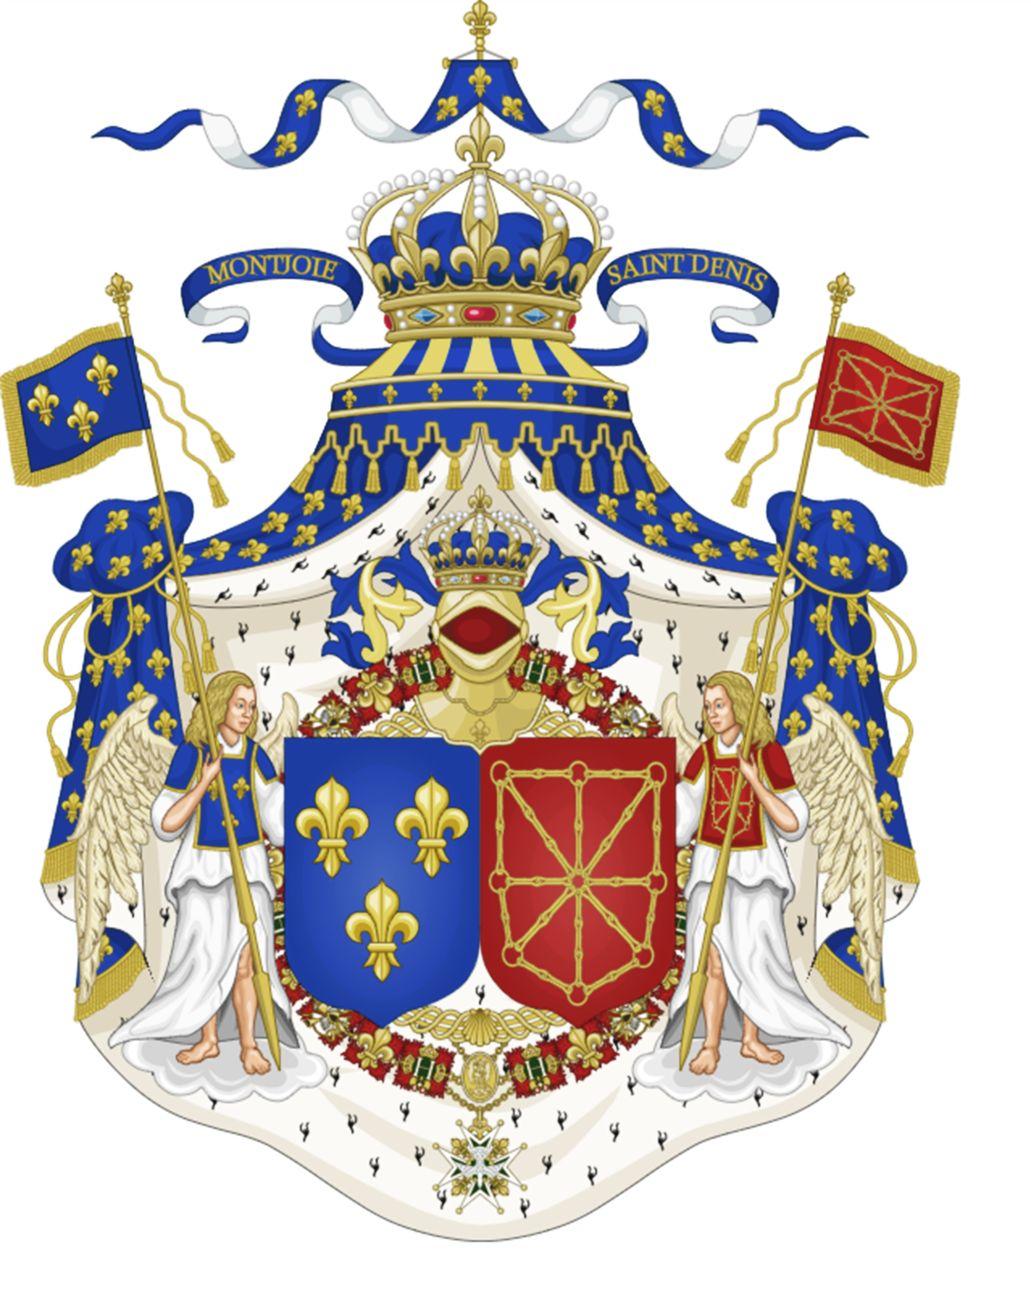 Grande stemma dei Borbone, re di Francia